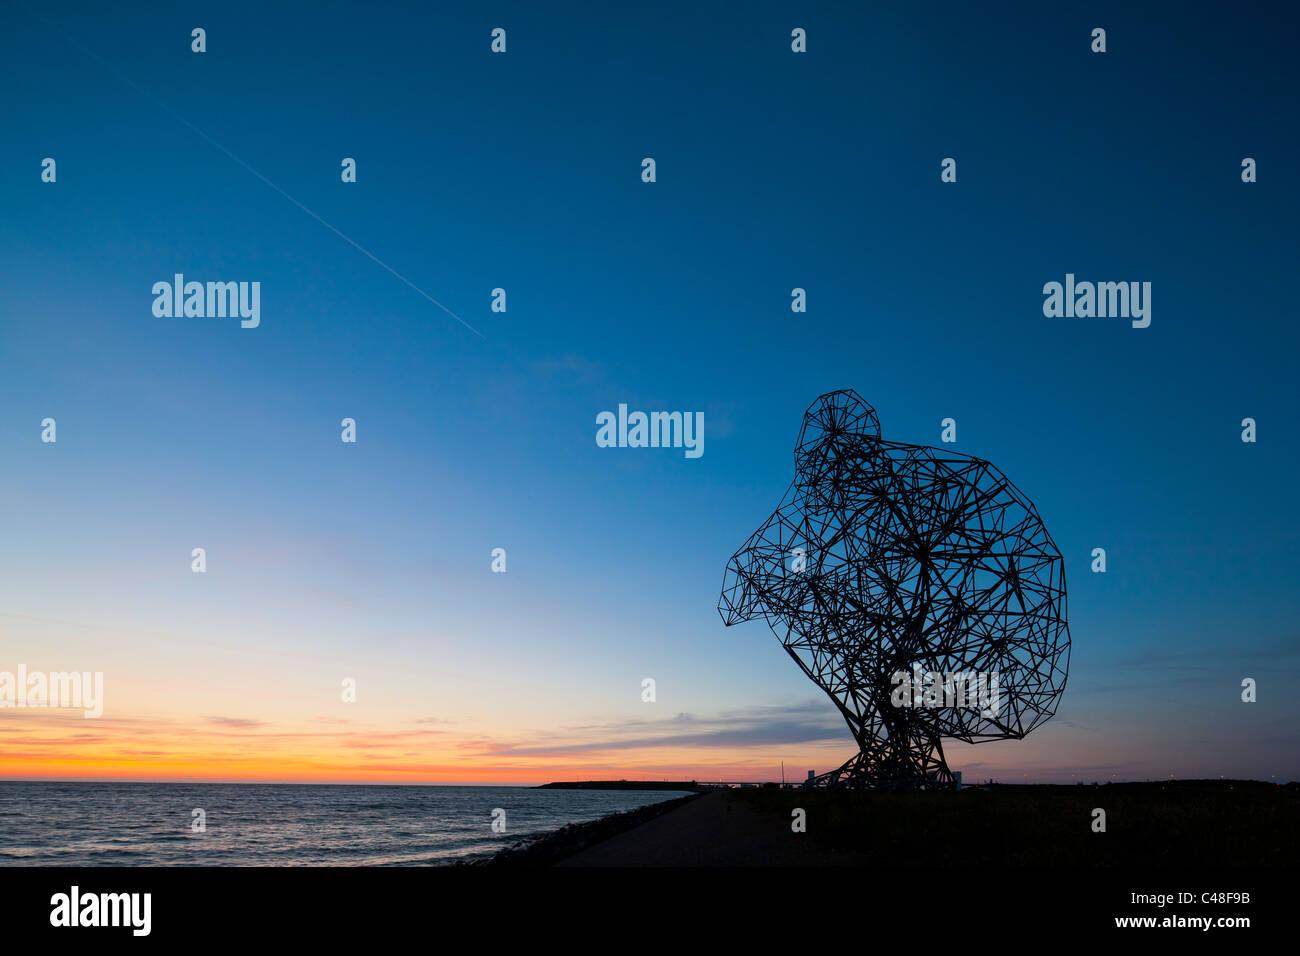 https://c7.alamy.com/comp/C48F9B/antony-gormley-sculpture-exposure-looking-out-over-the-ijsselmeer-C48F9B.jpg